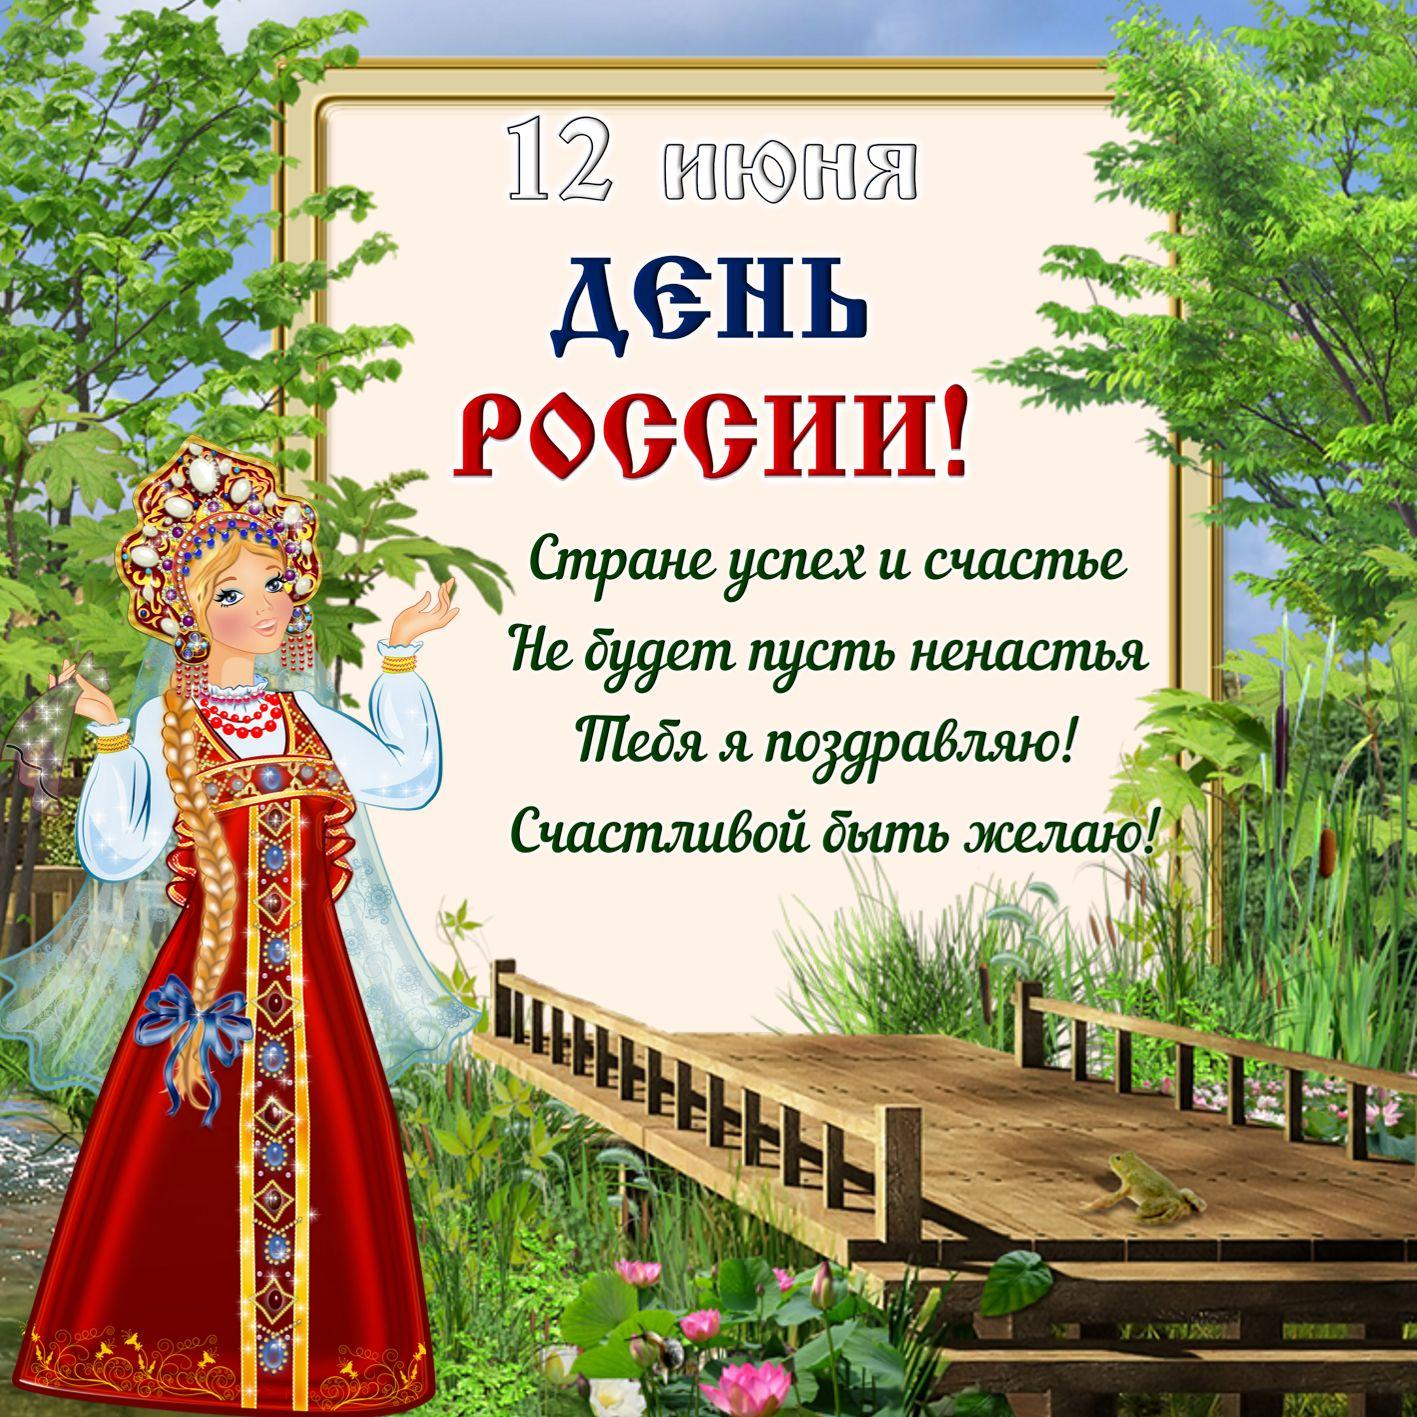 Открытки с днем россии поздравление к открытке, юбилеем сестра